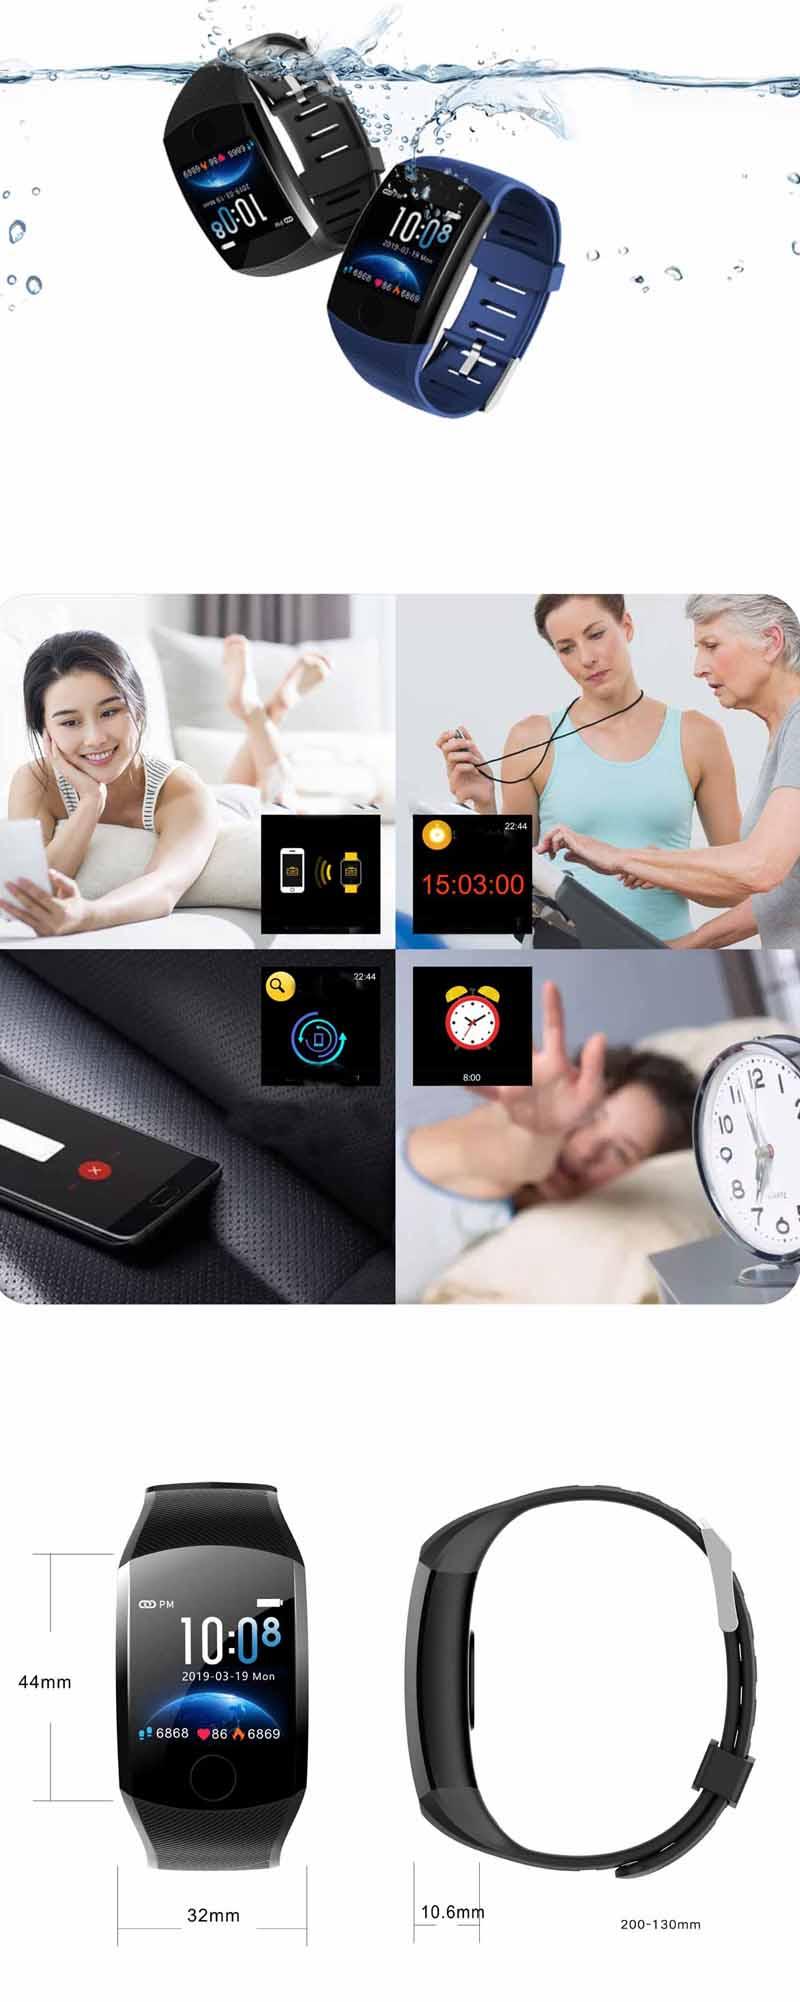 XANESQ111,3-дюймовыйсенсорныйэкранВодонепроницаемы Smart Watch Call Reject Фитнес Спортивный браслет - фото 4